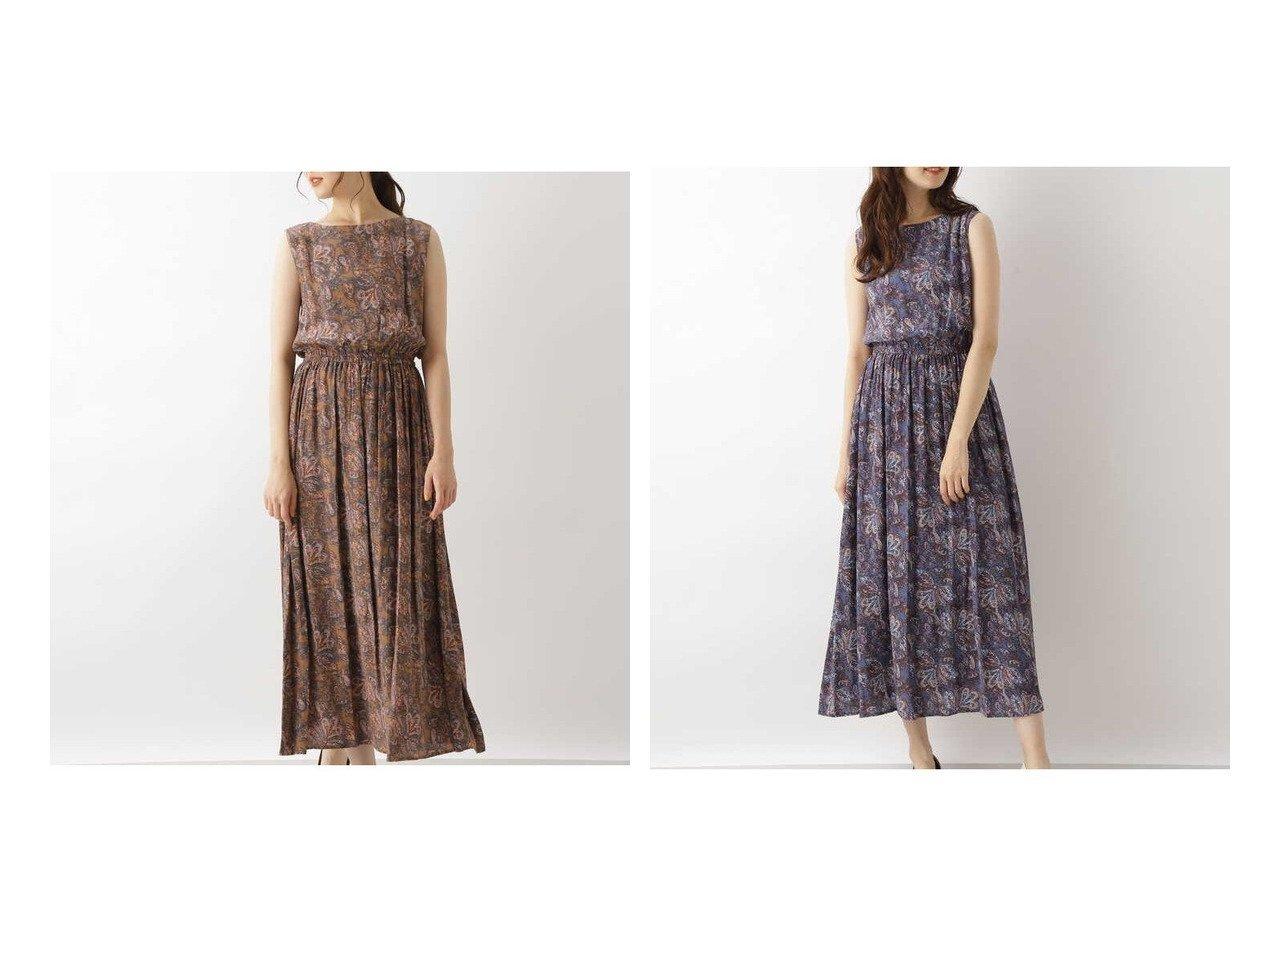 【NATURAL BEAUTY BASIC/ナチュラル ビューティー ベーシック】のペイズリープリントノースリワンピース 【ワンピース・ドレス】おすすめ!人気、トレンド・レディースファッションの通販 おすすめで人気の流行・トレンド、ファッションの通販商品 インテリア・家具・メンズファッション・キッズファッション・レディースファッション・服の通販 founy(ファニー) https://founy.com/ ファッション Fashion レディースファッション WOMEN ワンピース Dress ギャザー ノースリーブ フレア プリント ペイズリー リゾート リラックス  ID:crp329100000049479